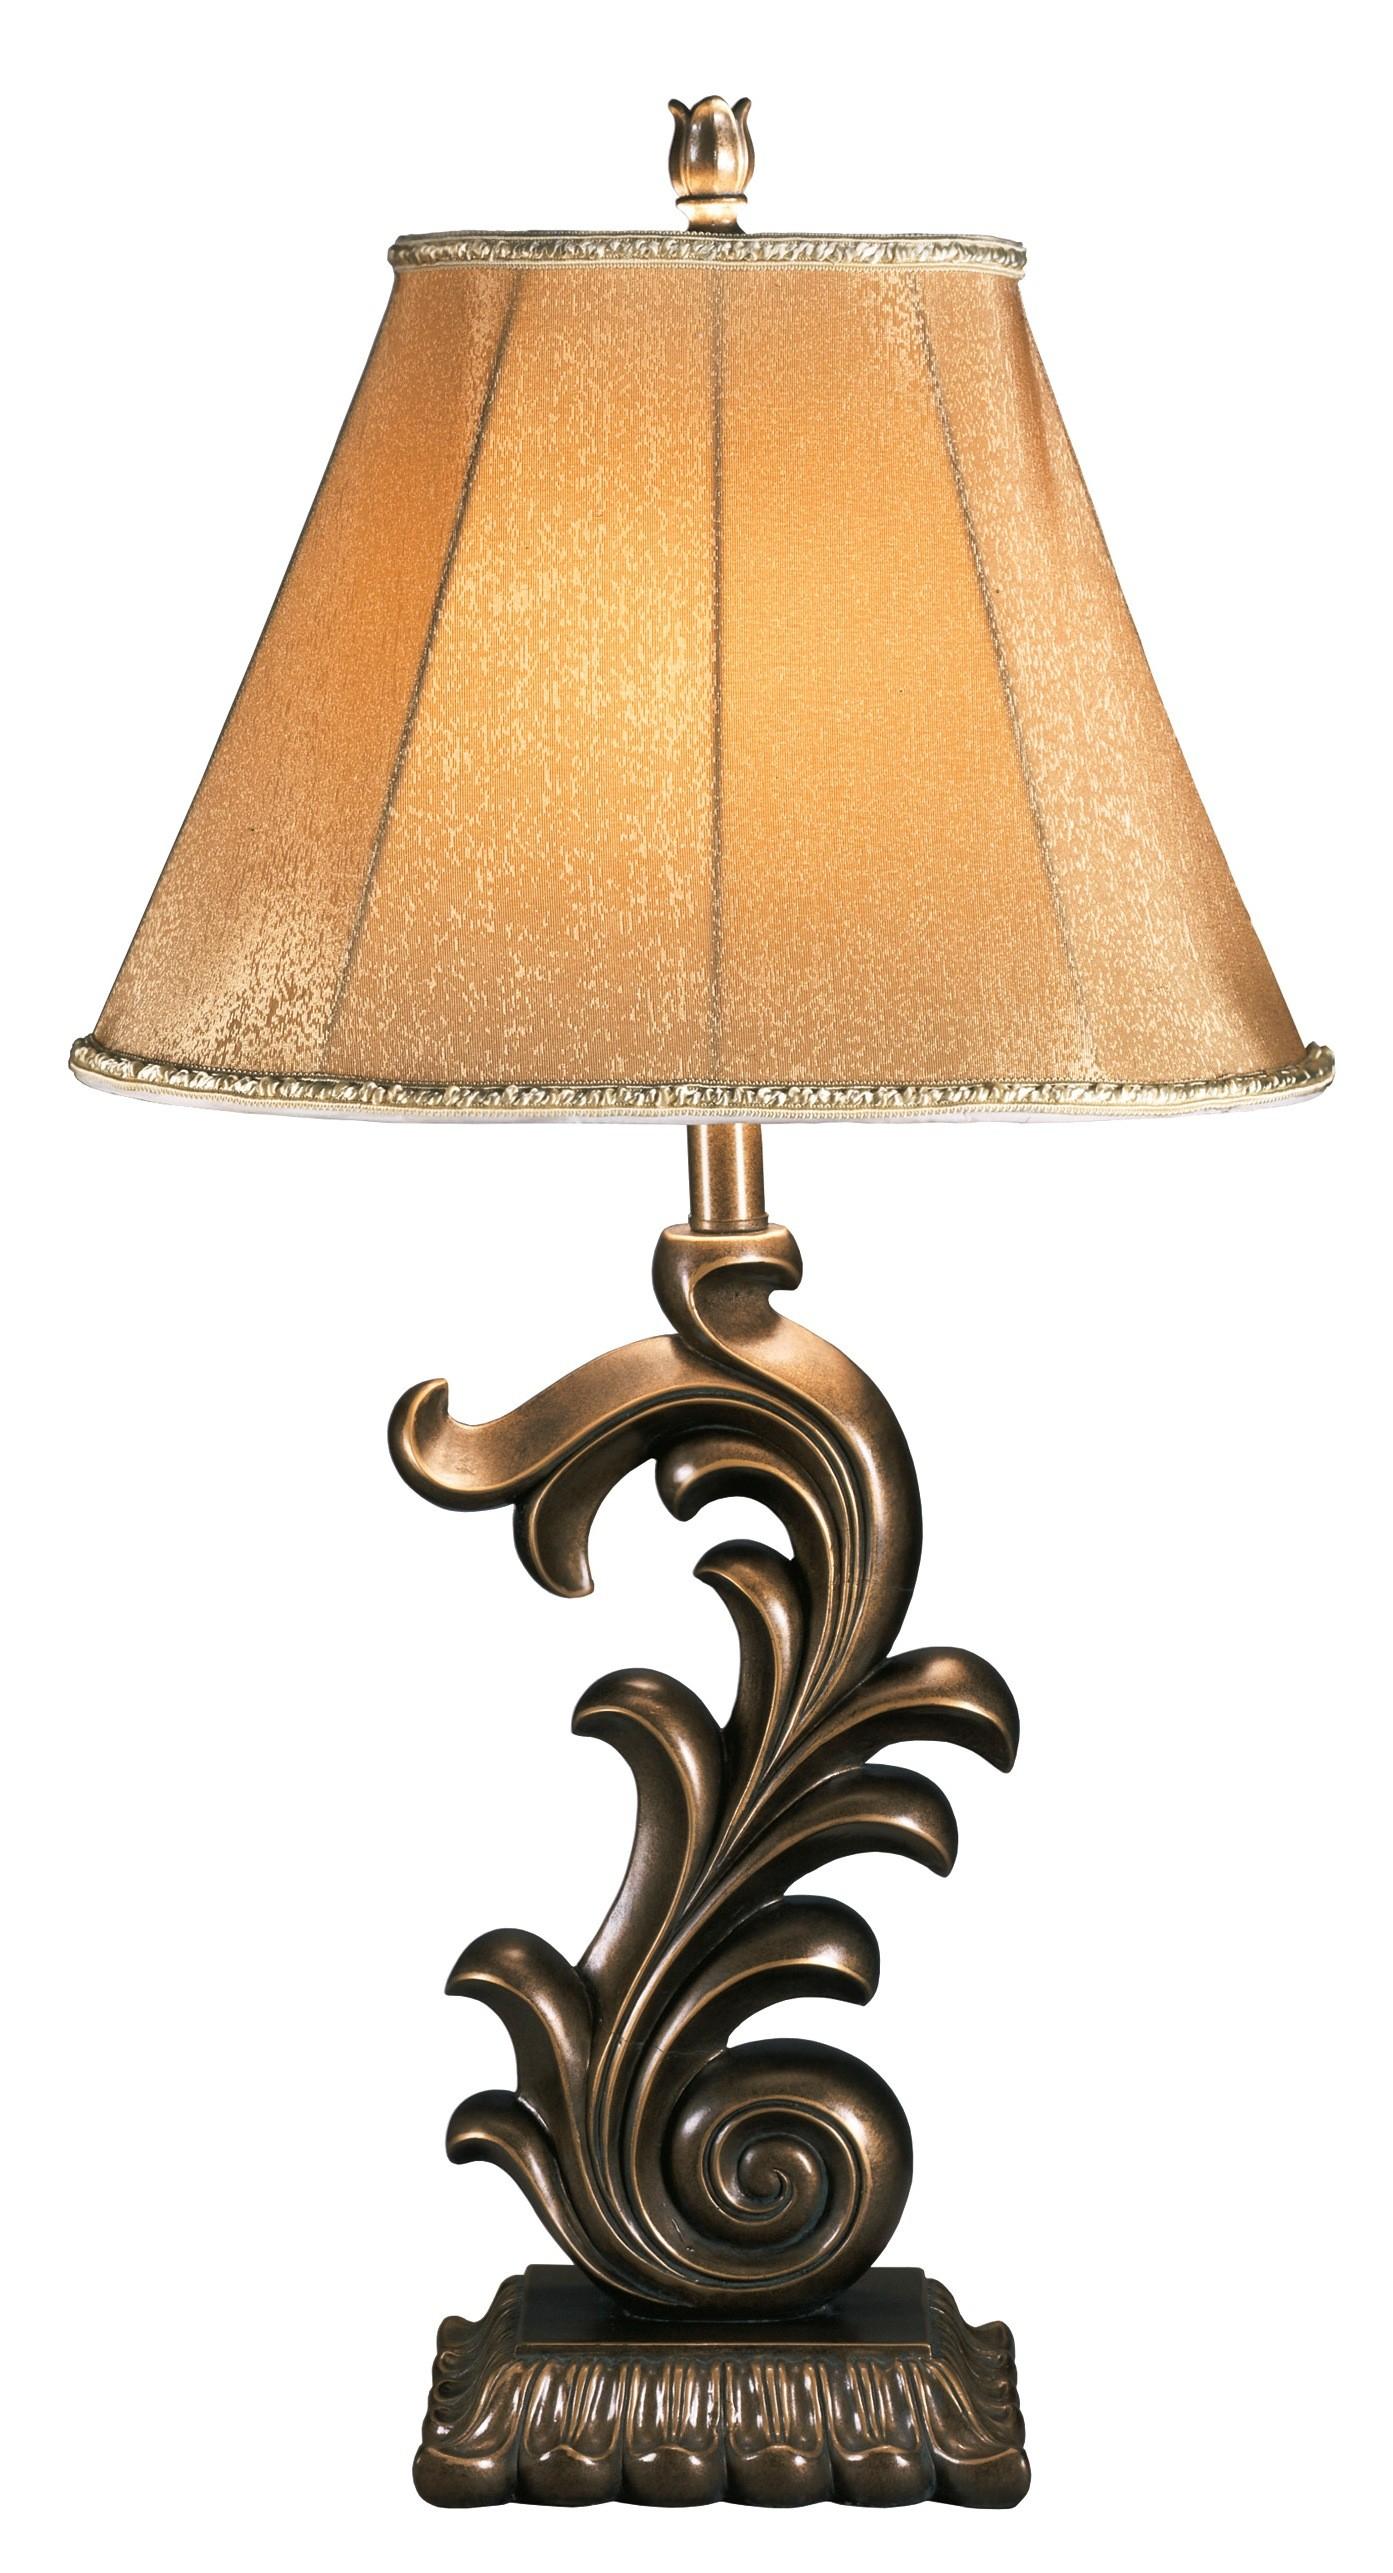 Ashley Möbel Tisch Lampen Für Große Wohnzimmer Lampe Preis